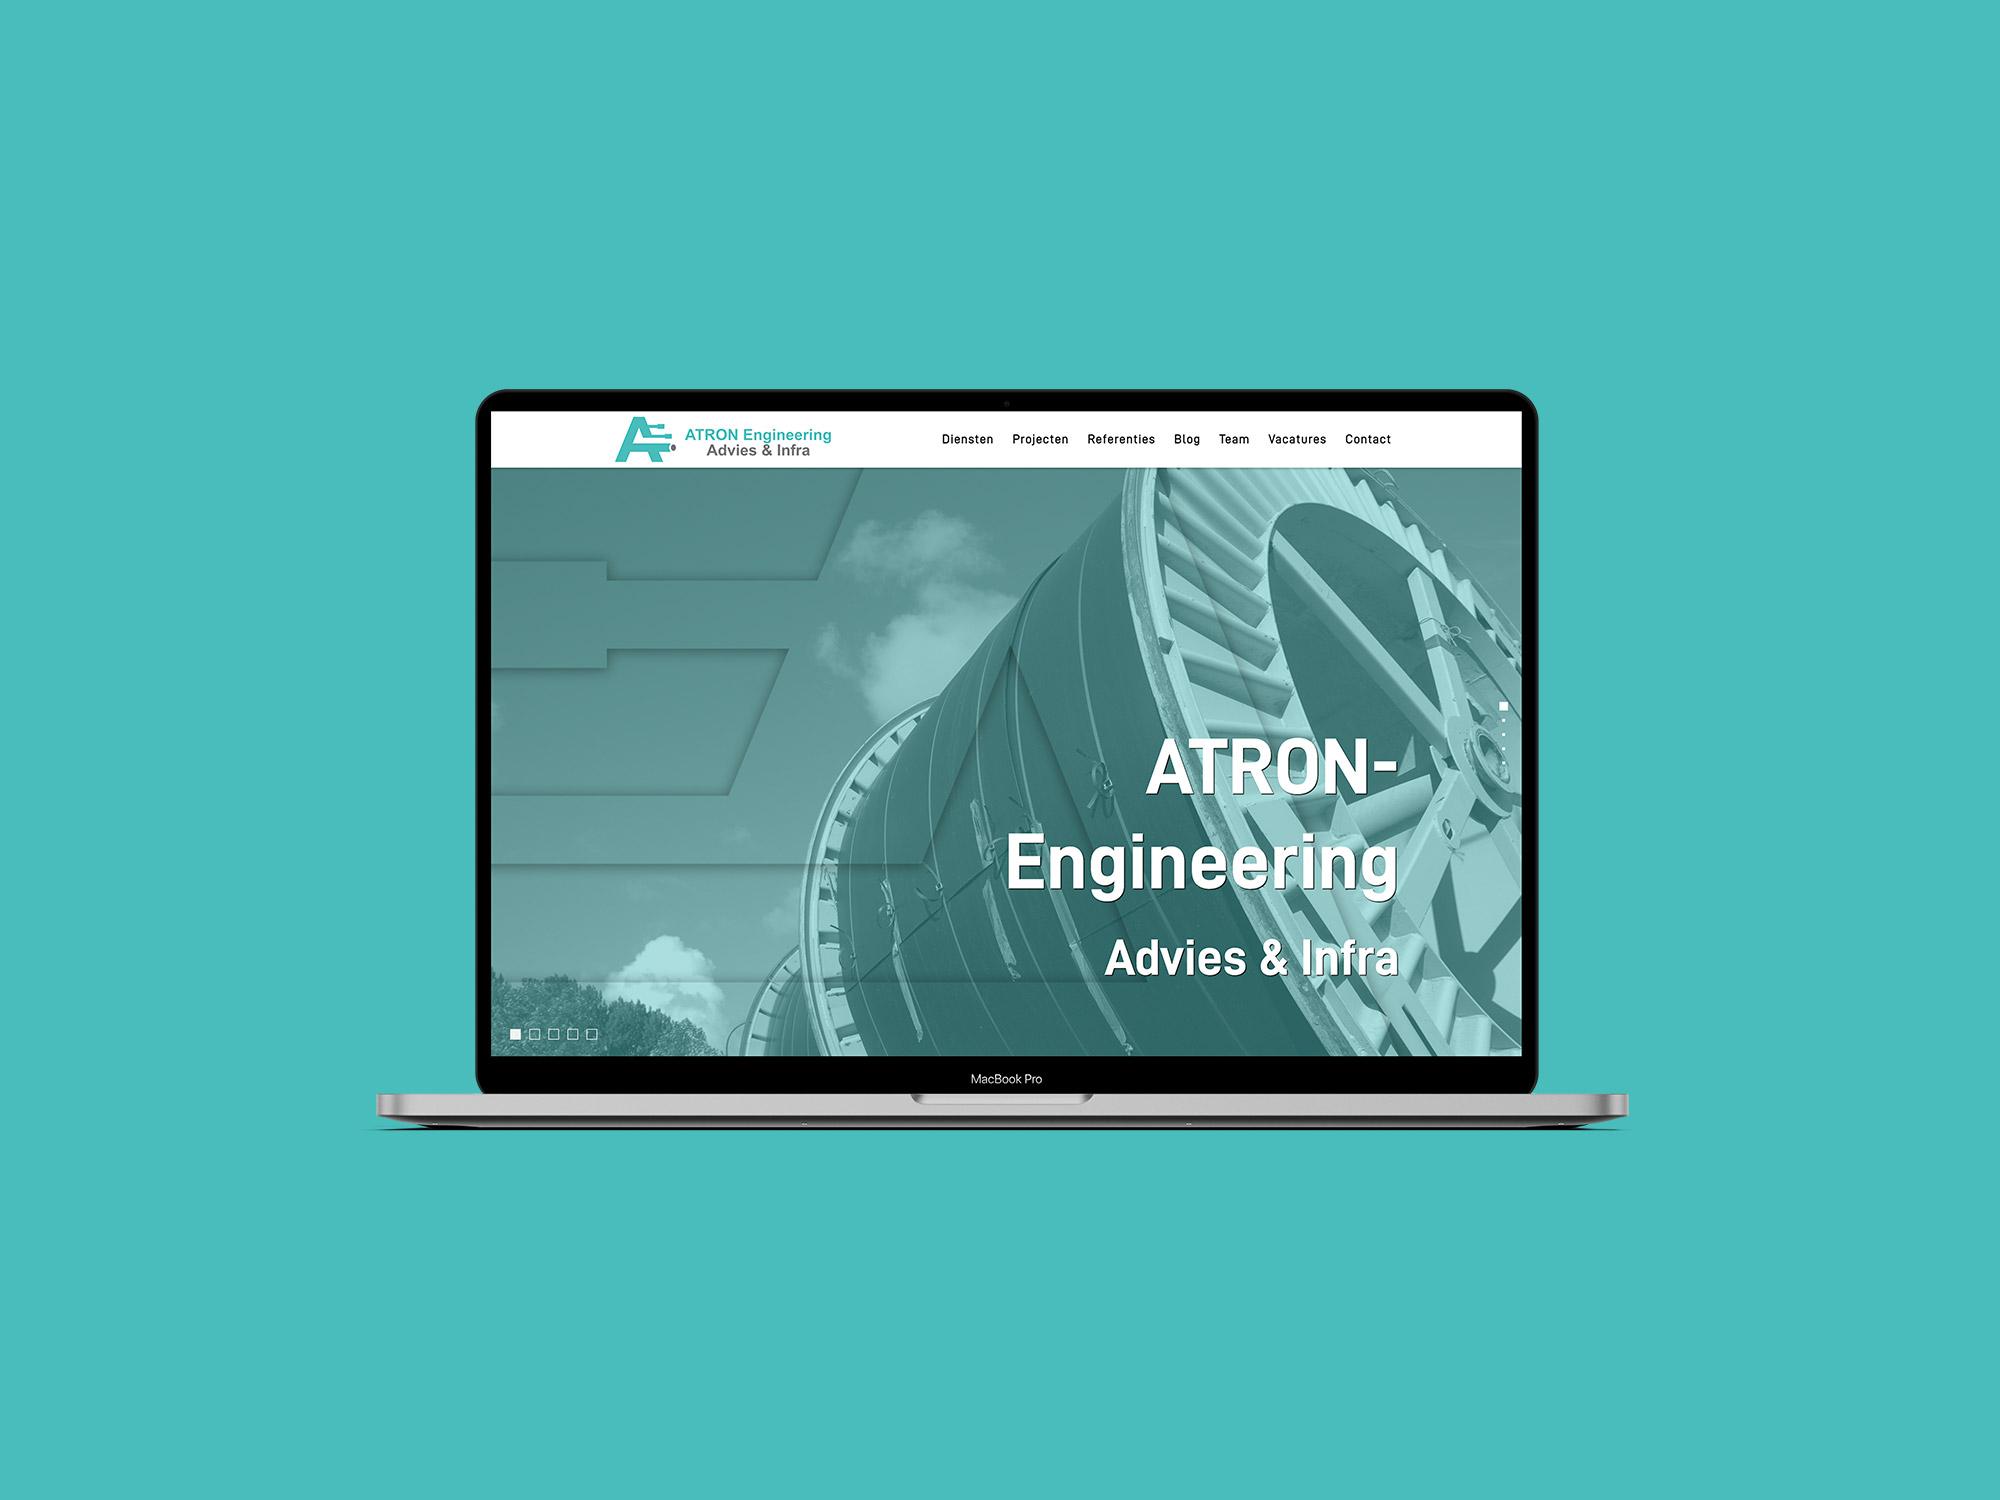 Atron Engineering website